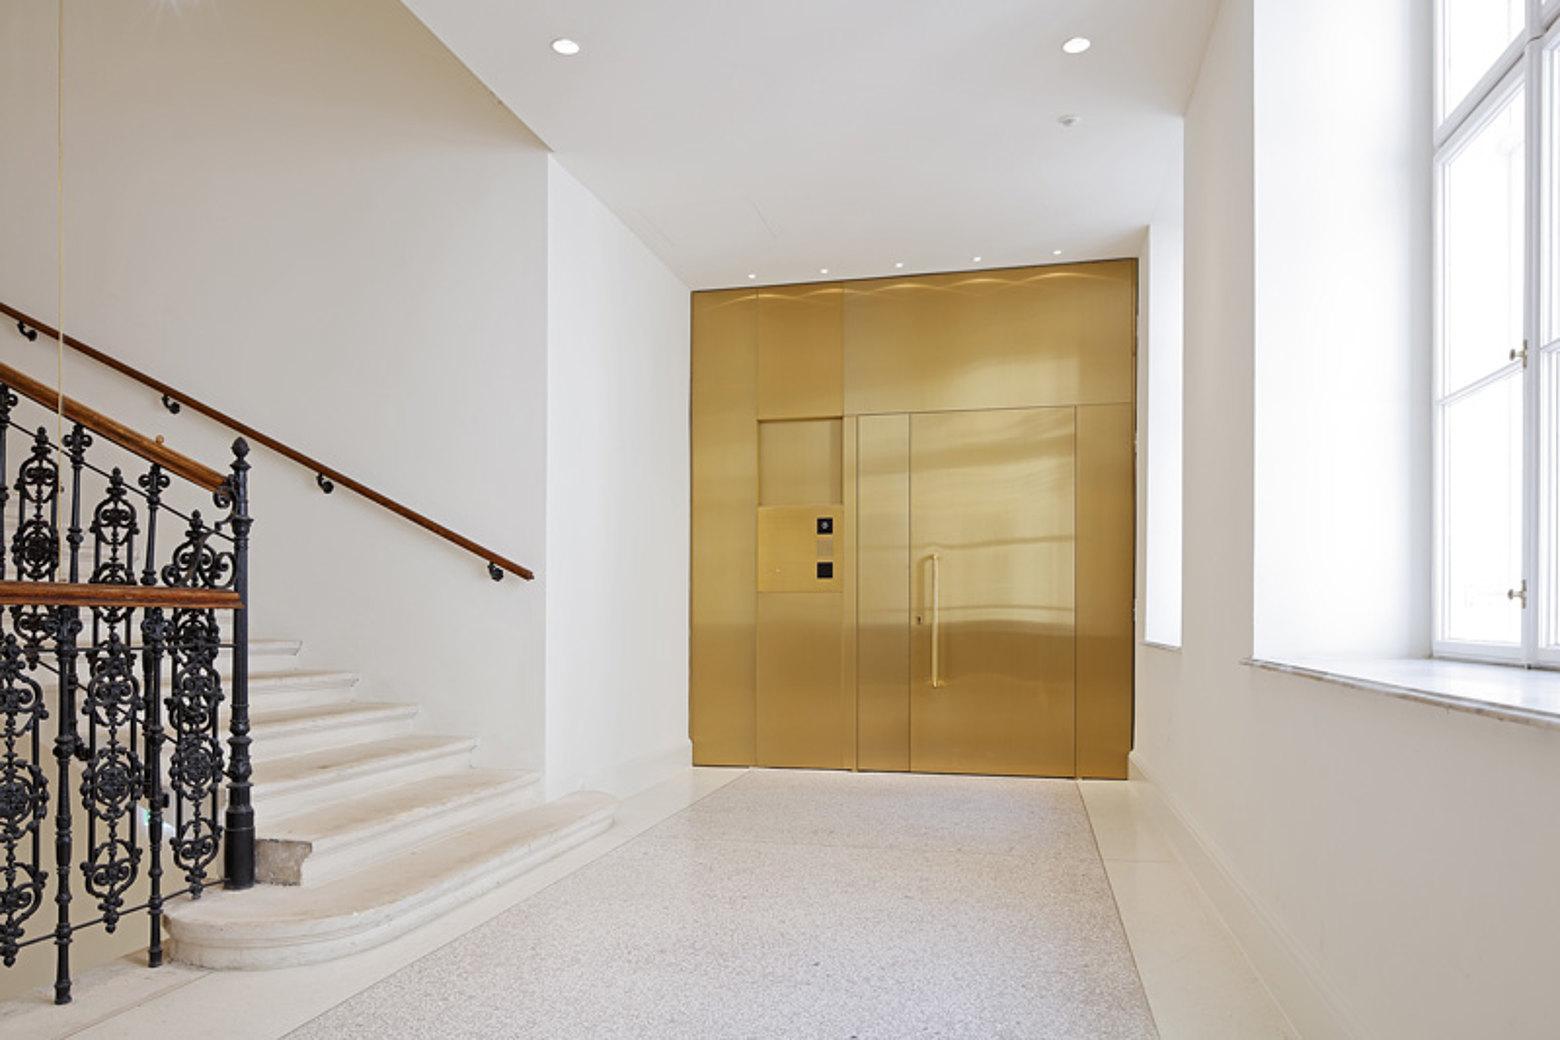 Fire-resistant door brass covered